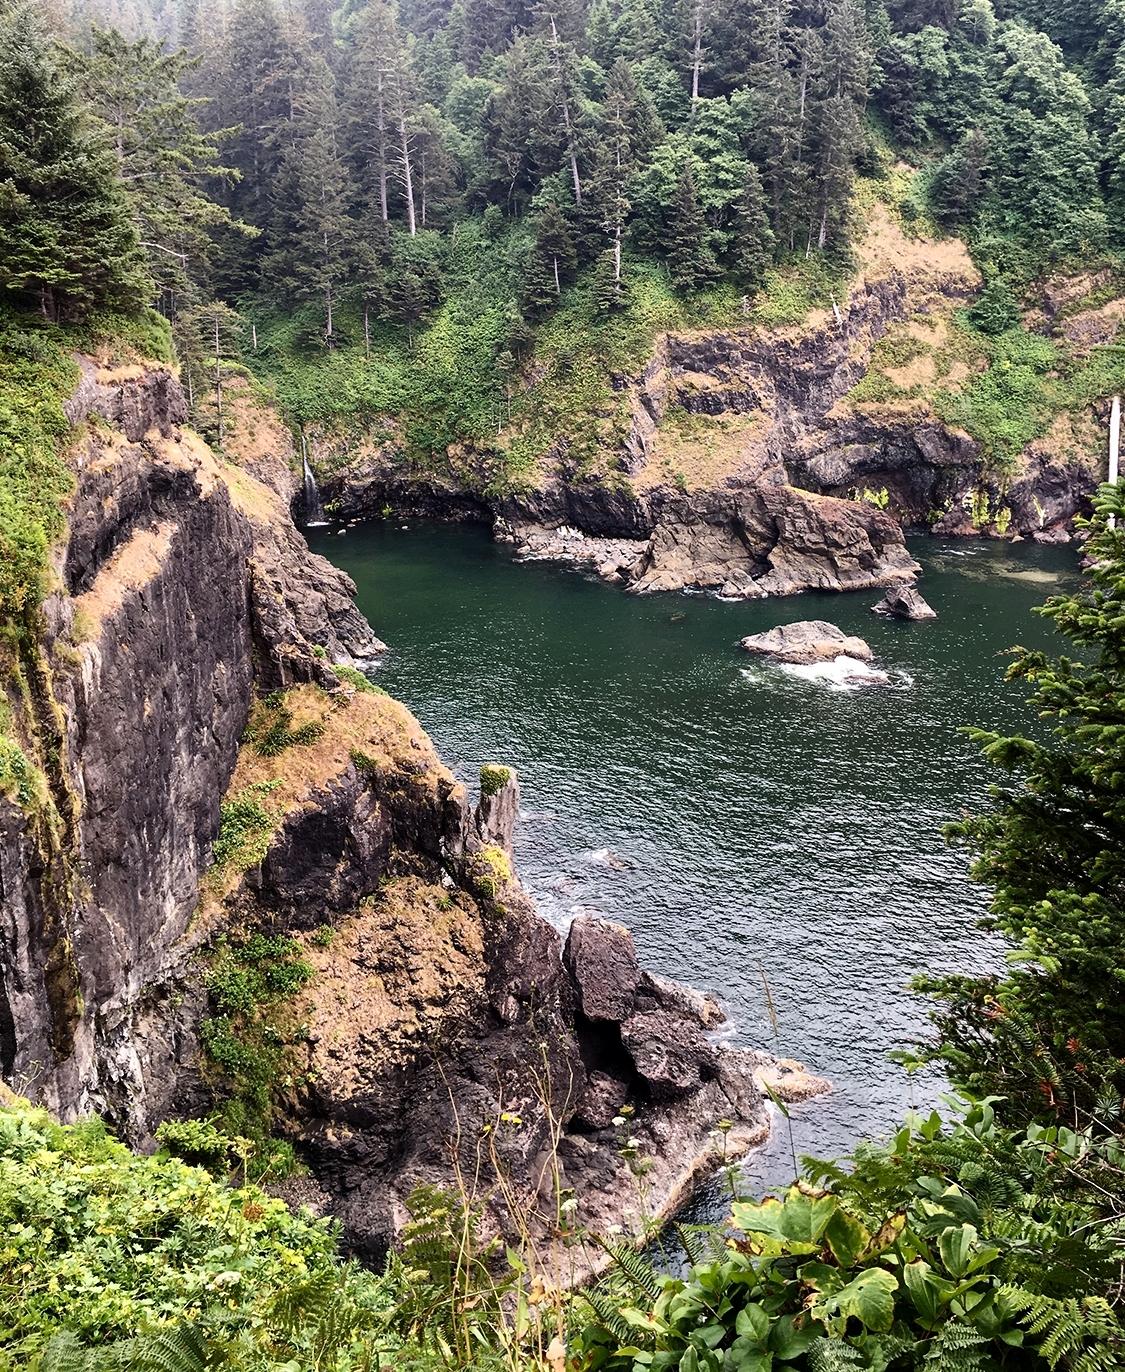 Hart's Cove, Neskowin, Oregon